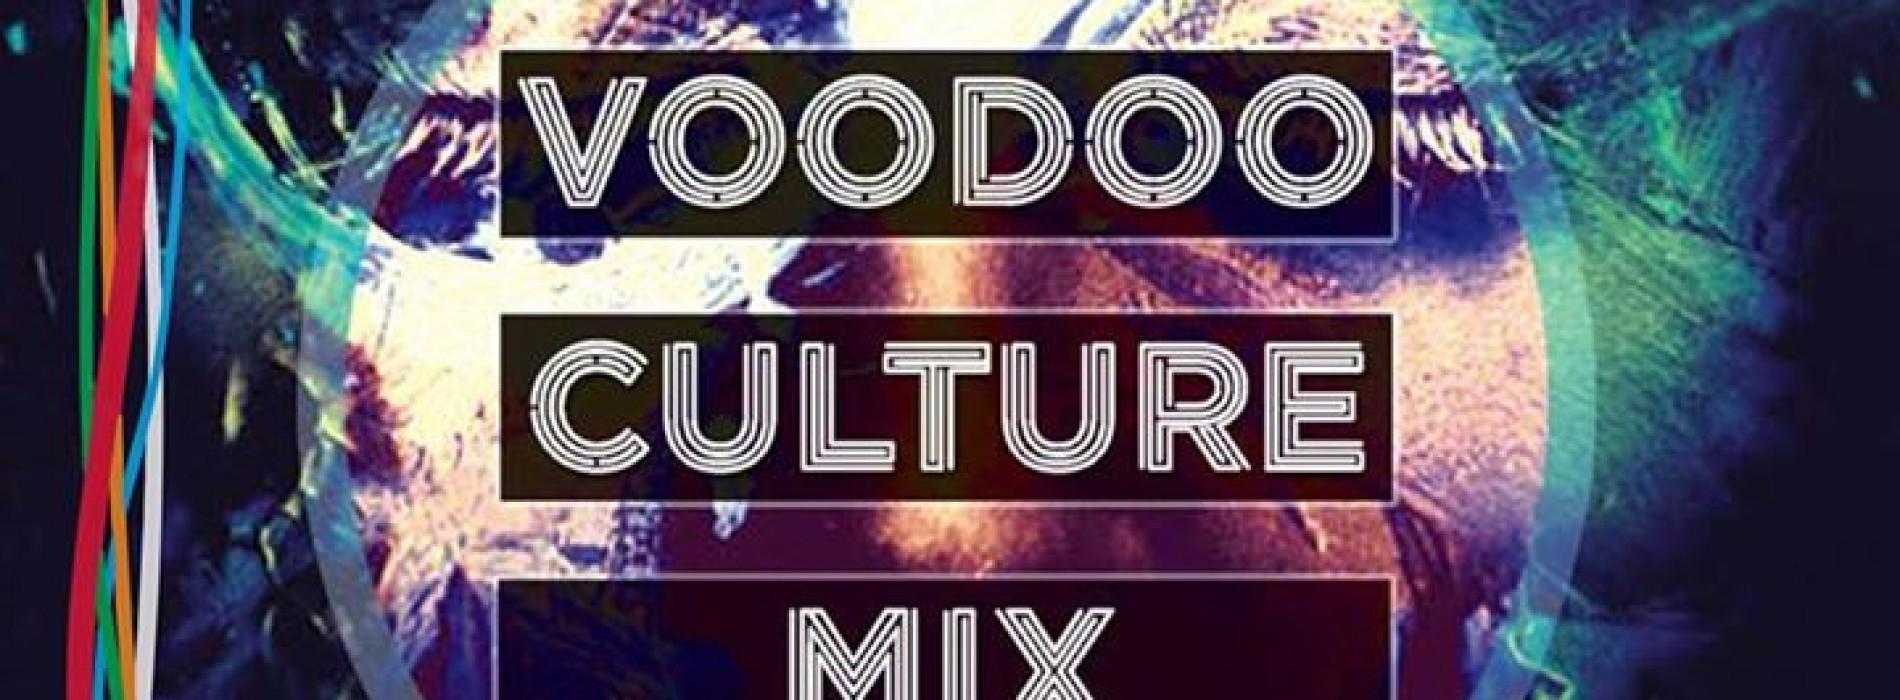 Voodoo Child: Voodoo Culture Mix #4